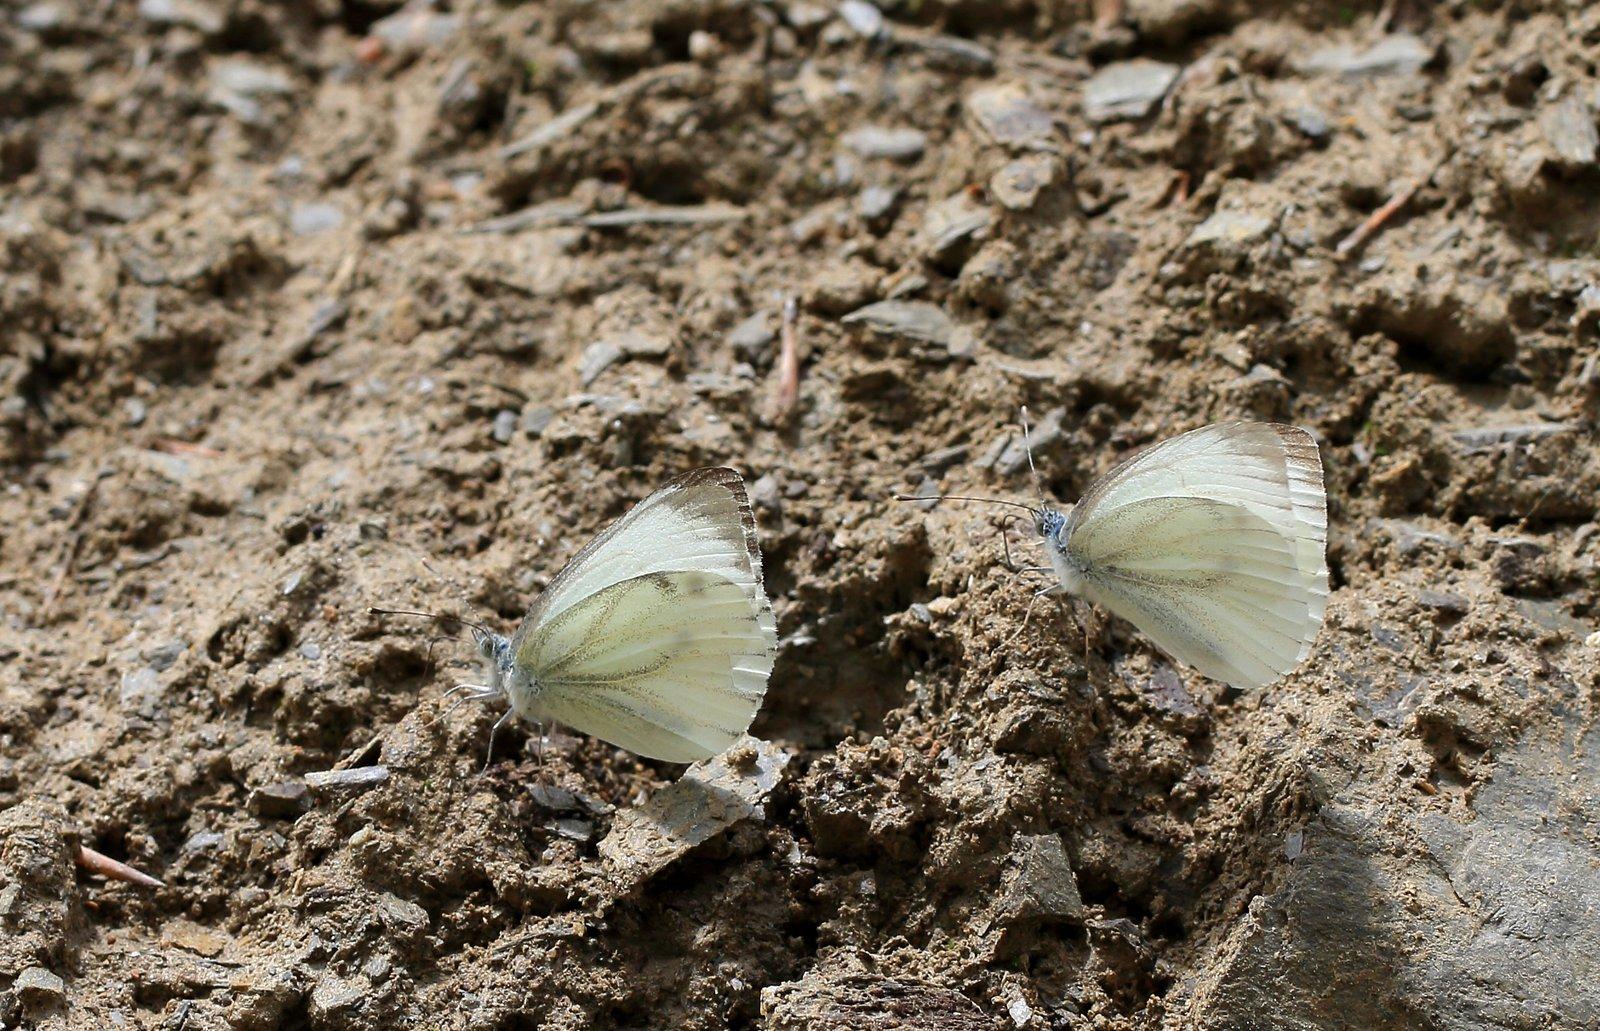 Balkan-Kålsommerfugl, Pieris balcana